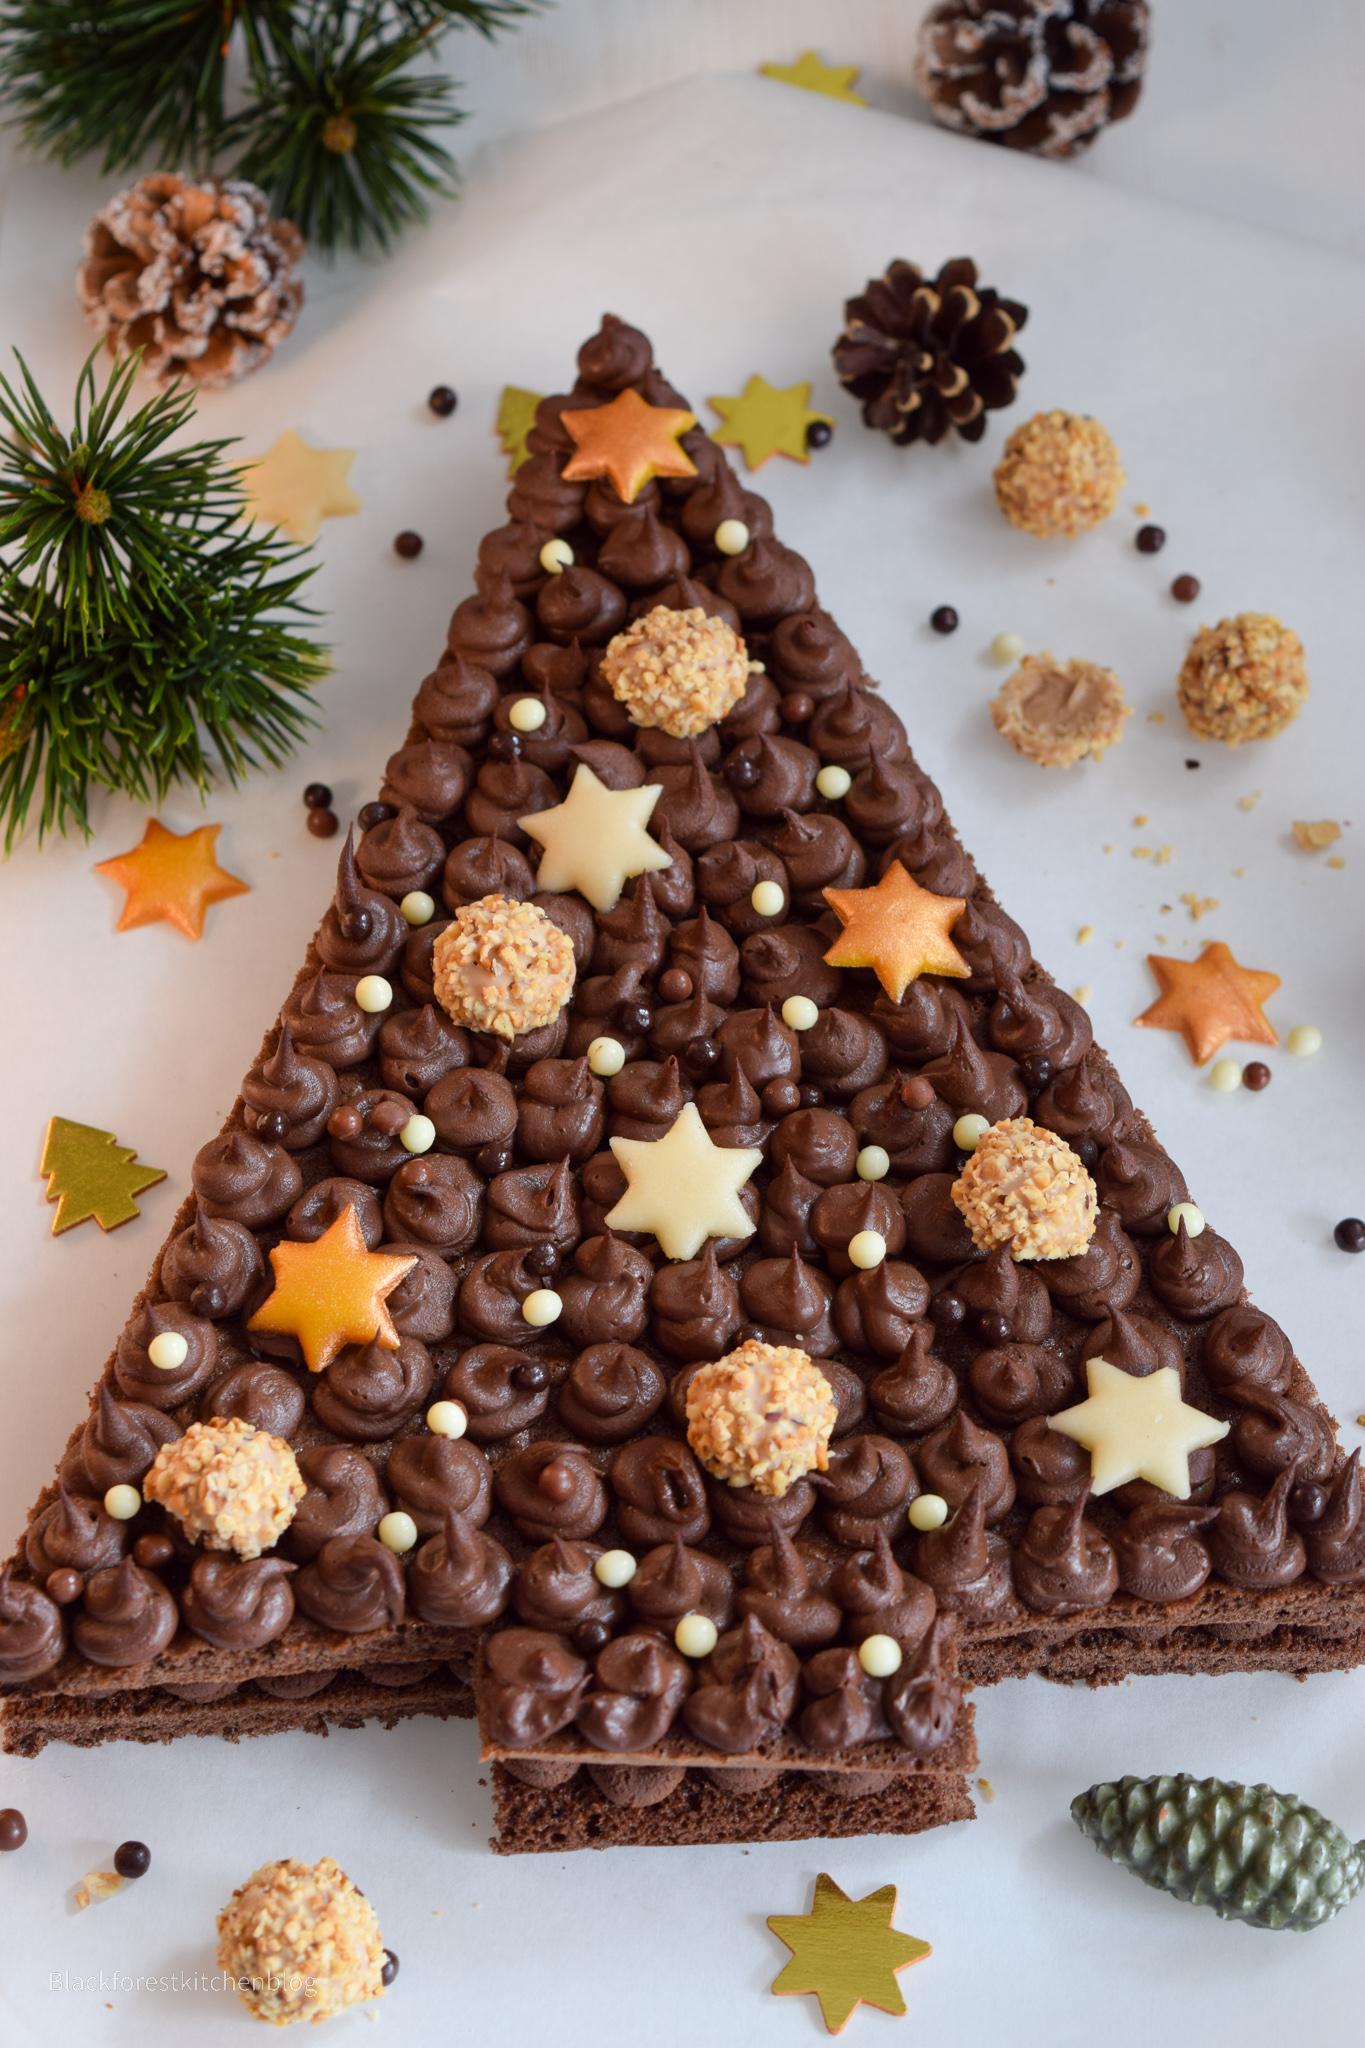 Weihnachtlicher Tannenbaum-Lettercake von Blackforestkitchen | SCCC 2020: 3. Türchen | Gewinnspiel